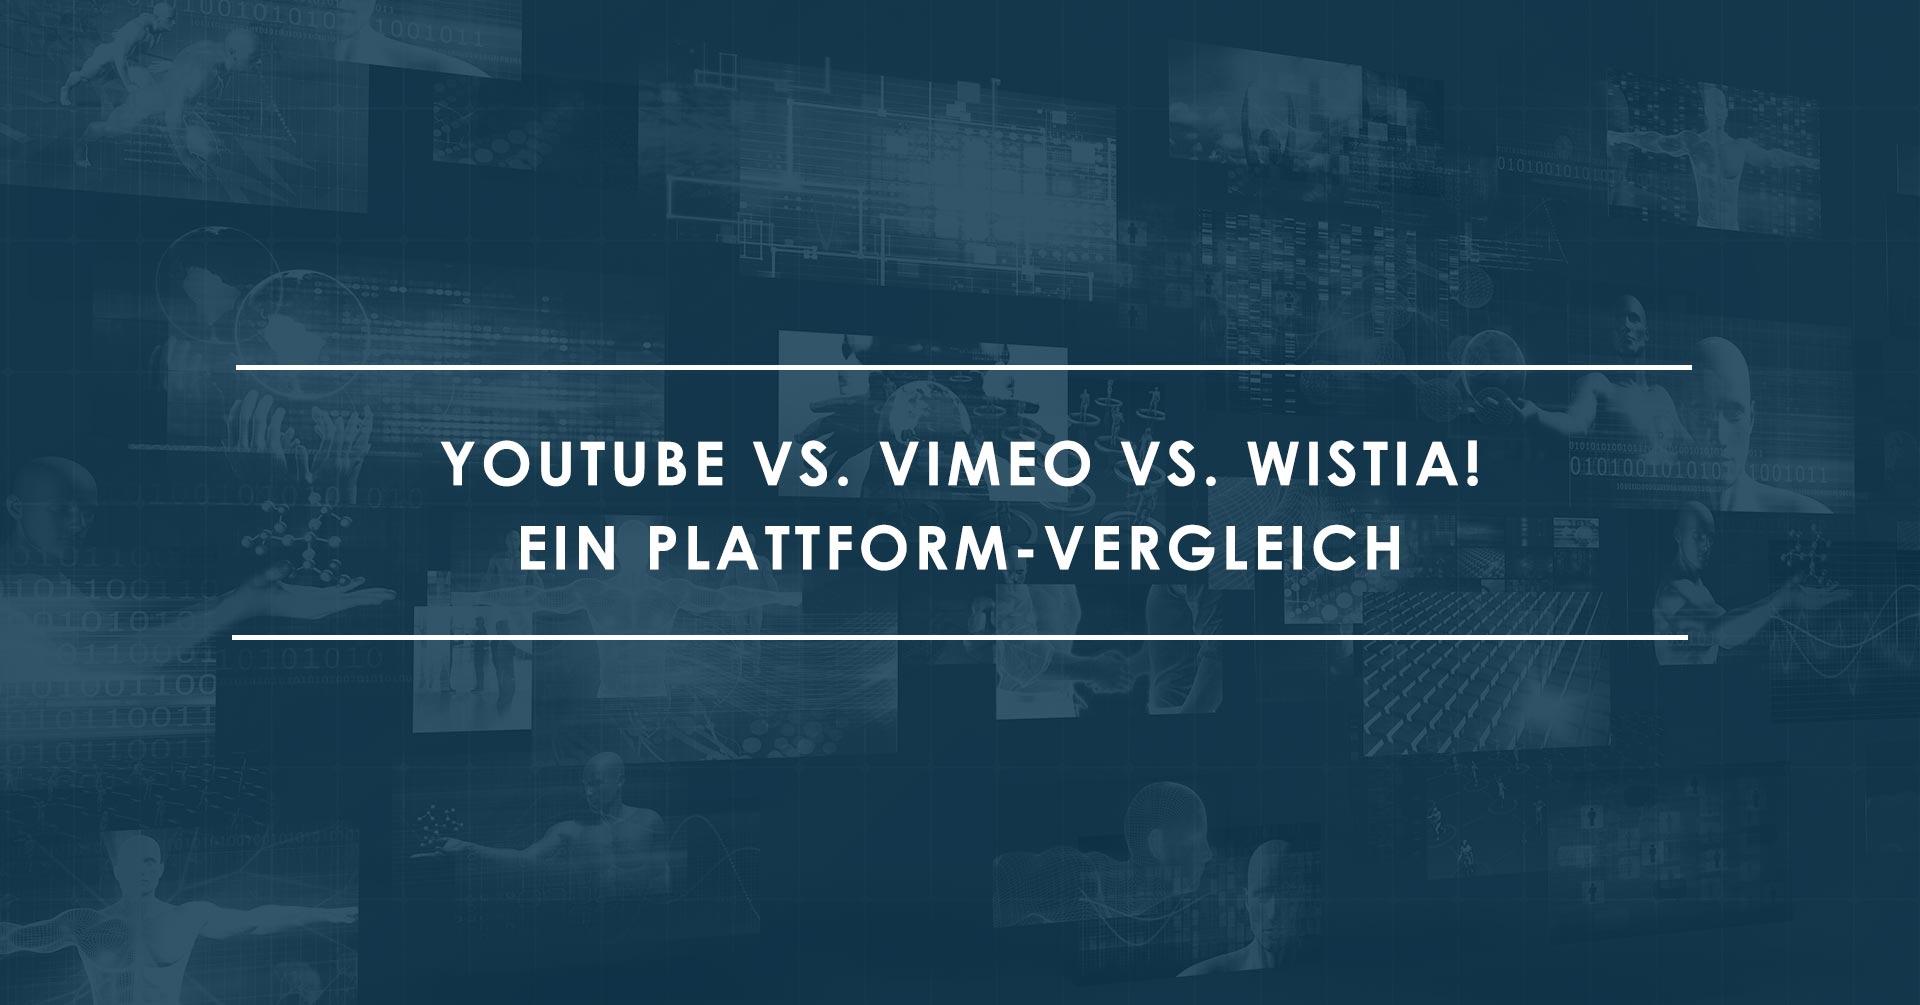 Youtube vs. Vimeo vs. Wistia